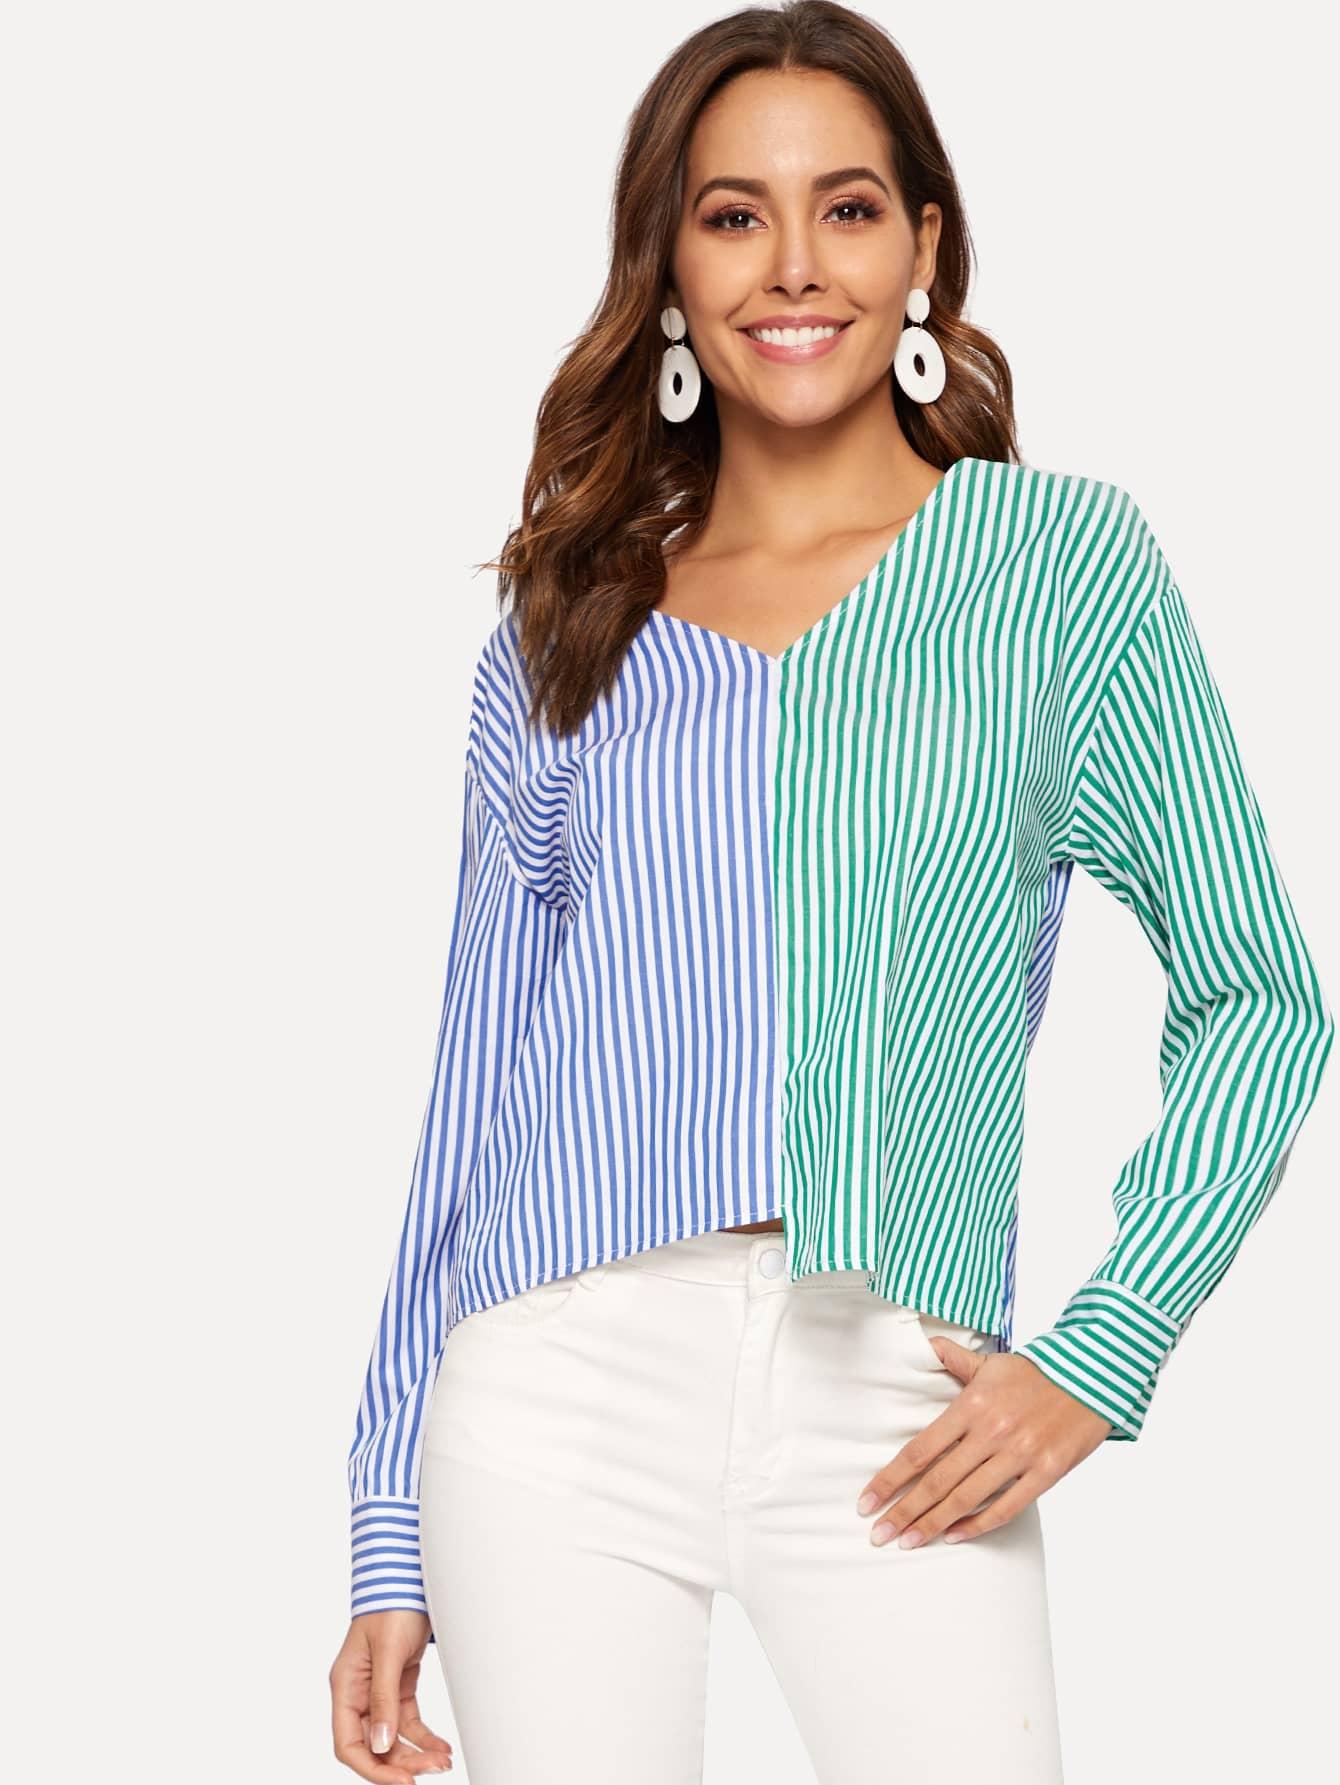 Купить Контрастная плоская полосатая блуза с V-образным вырезом, Giulia, SheIn